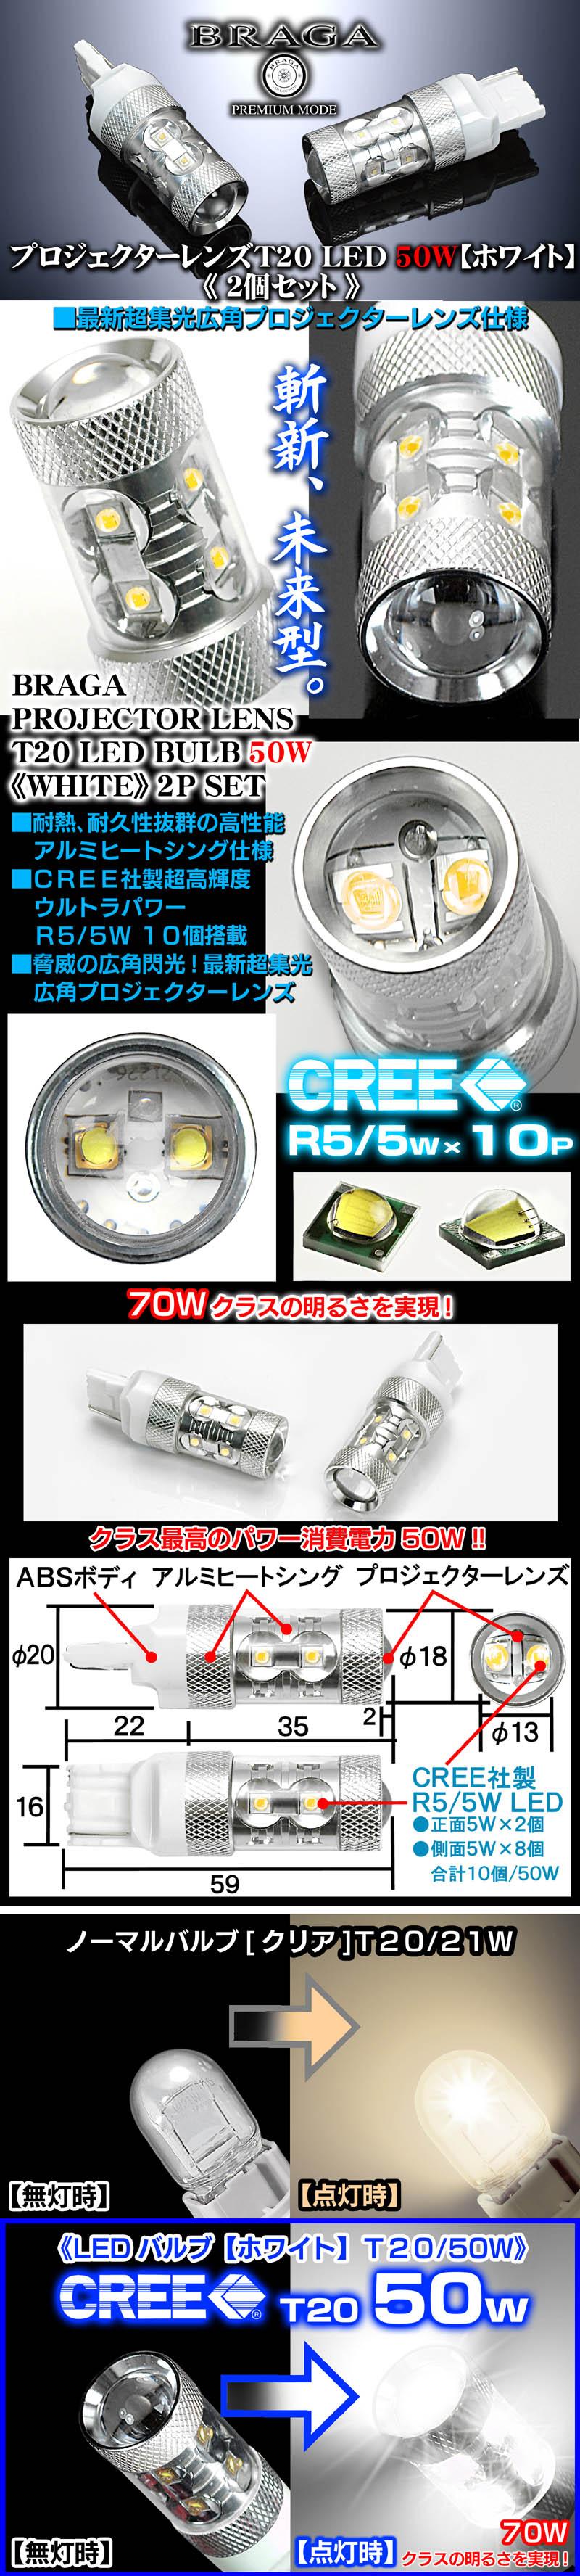 T20/50W《ホワイト/白色》トヨタ車/コーナリングランプCREE社製LEDプロジェクターレンズバルブ/70Wクラスの光を実現!《2個セット》1年保証/ブラガ